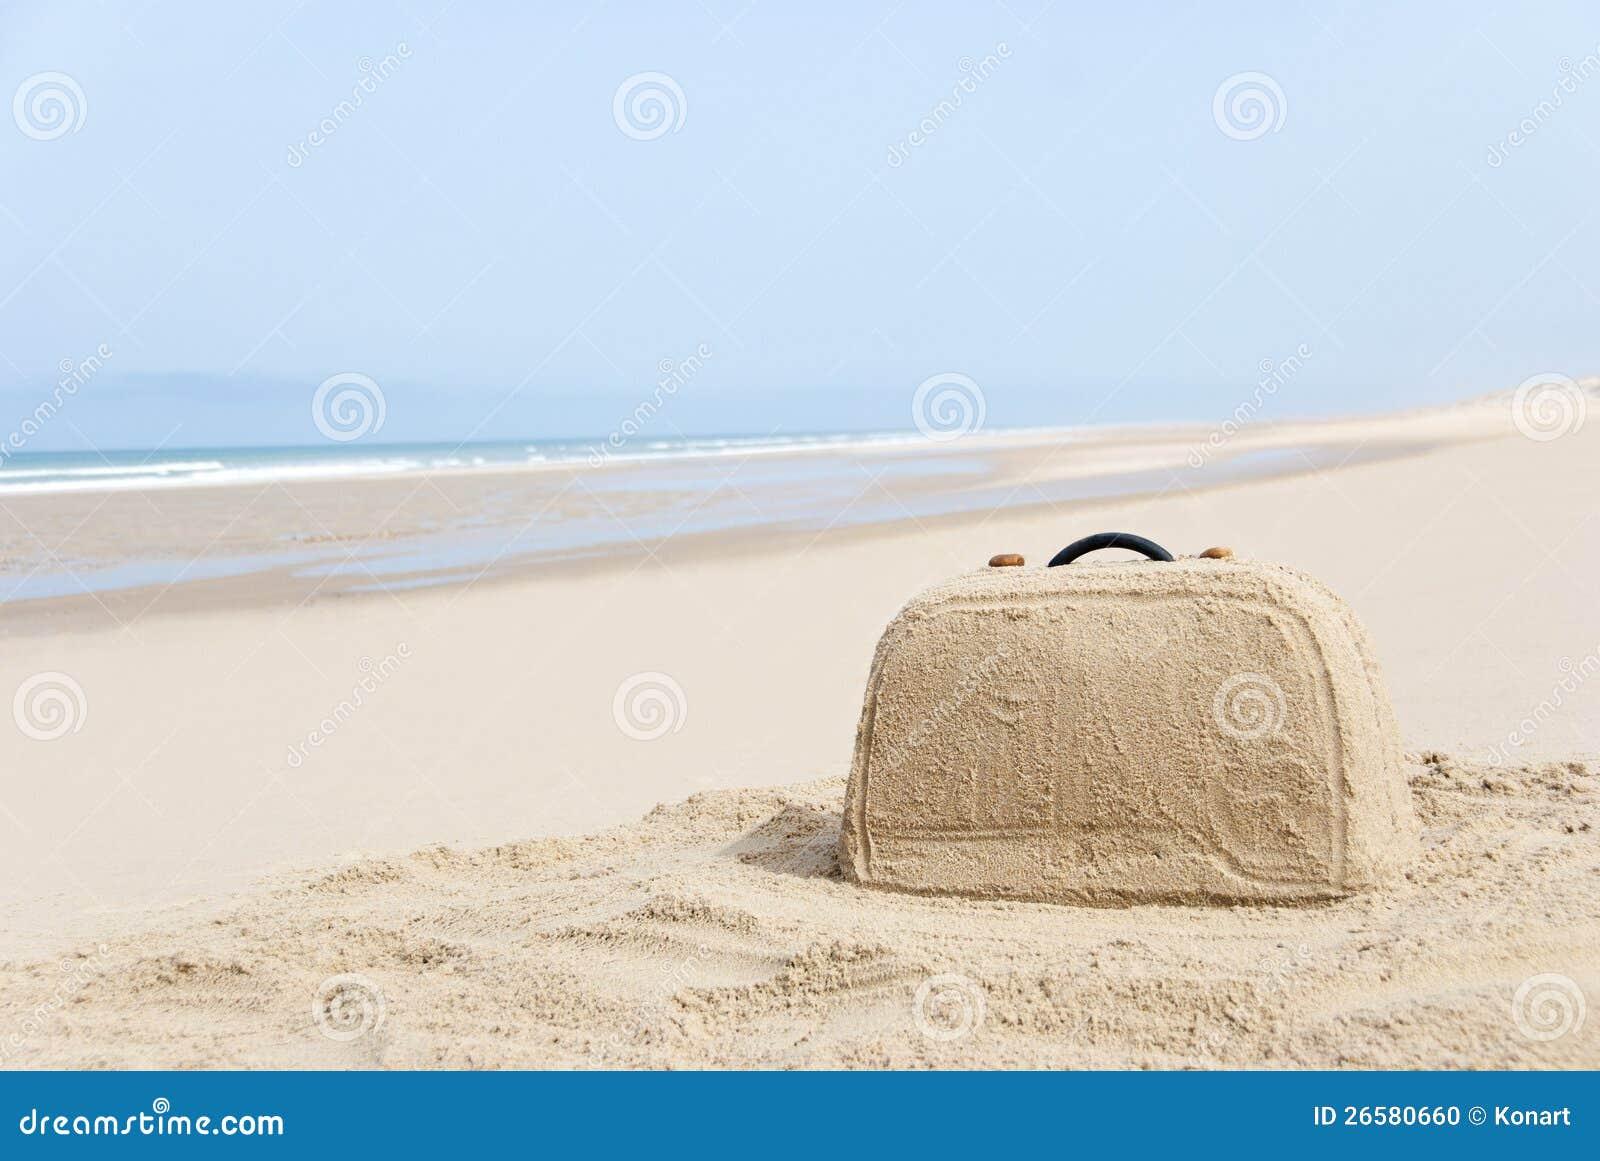 Maleta hecha fuera de la arena en la playa